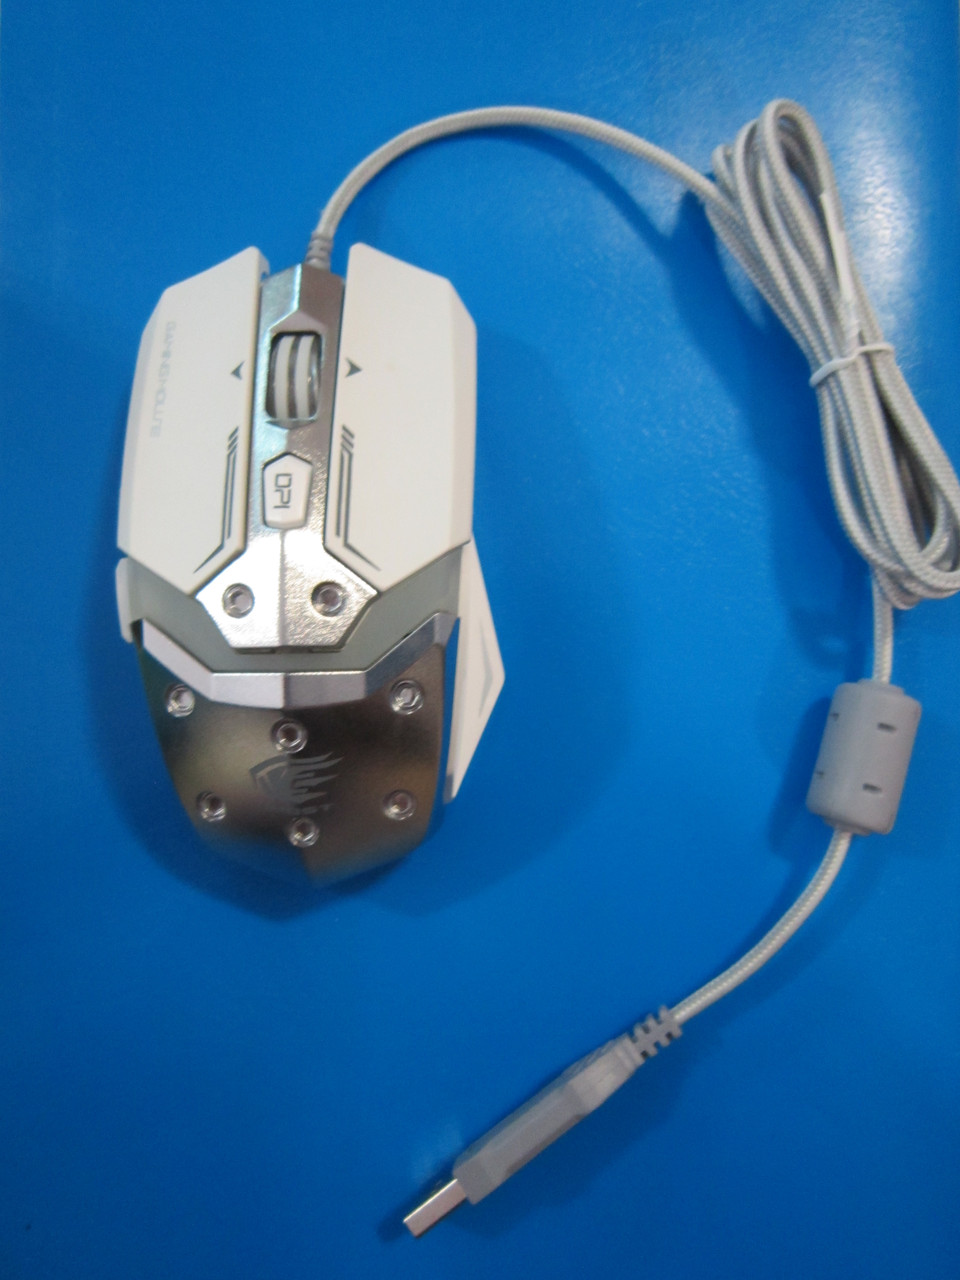 Игровая компьютерная мышка IHOST G9, 2000 DPI, 3D